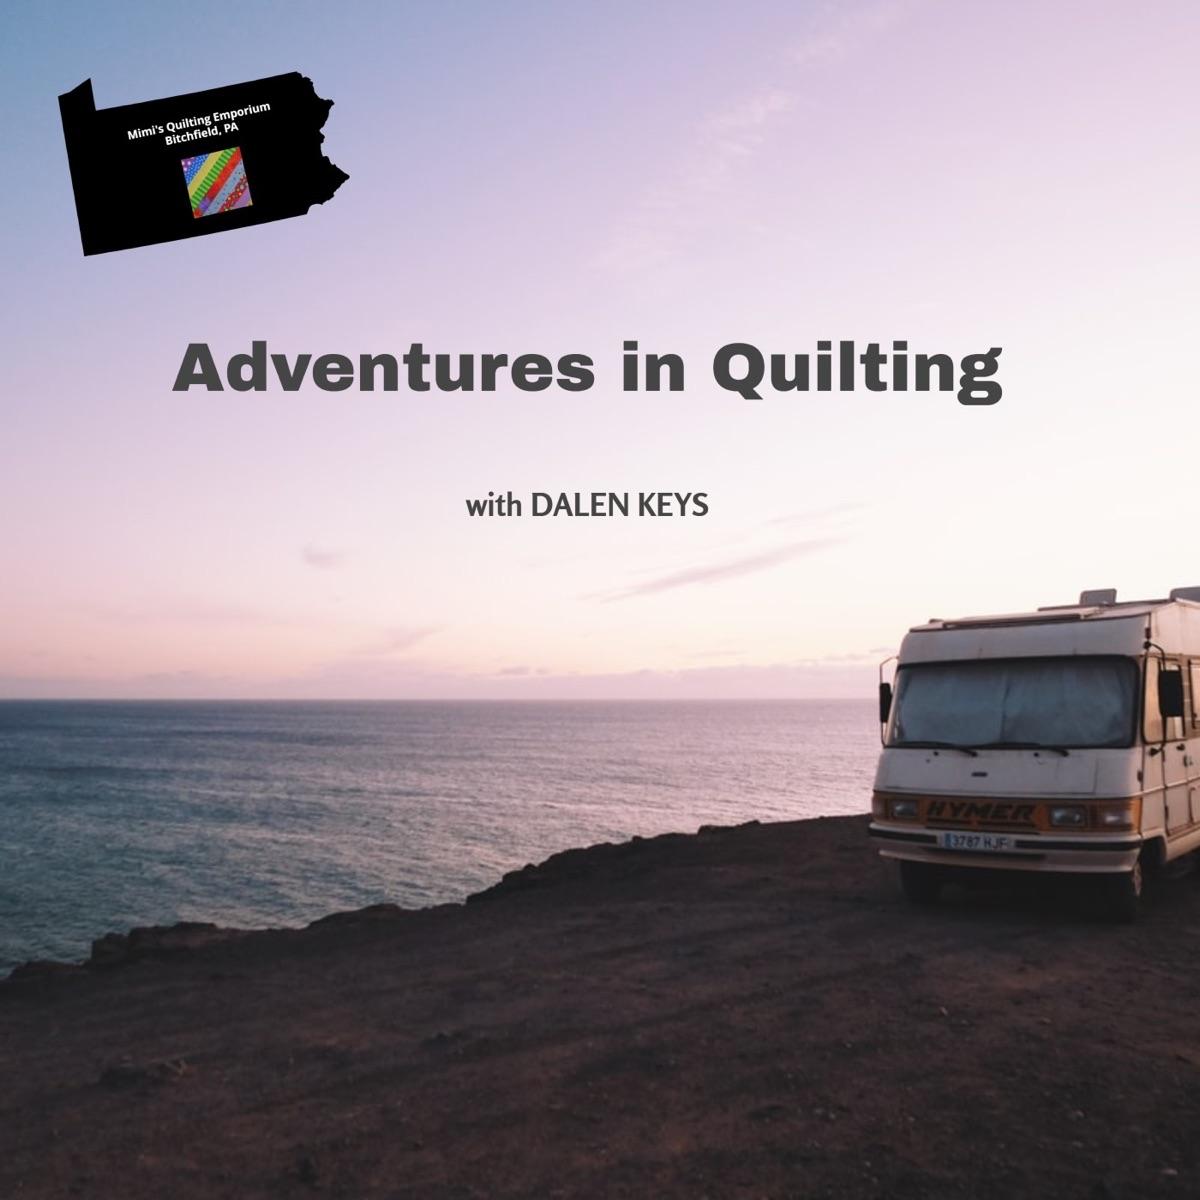 Adventures in Quilting